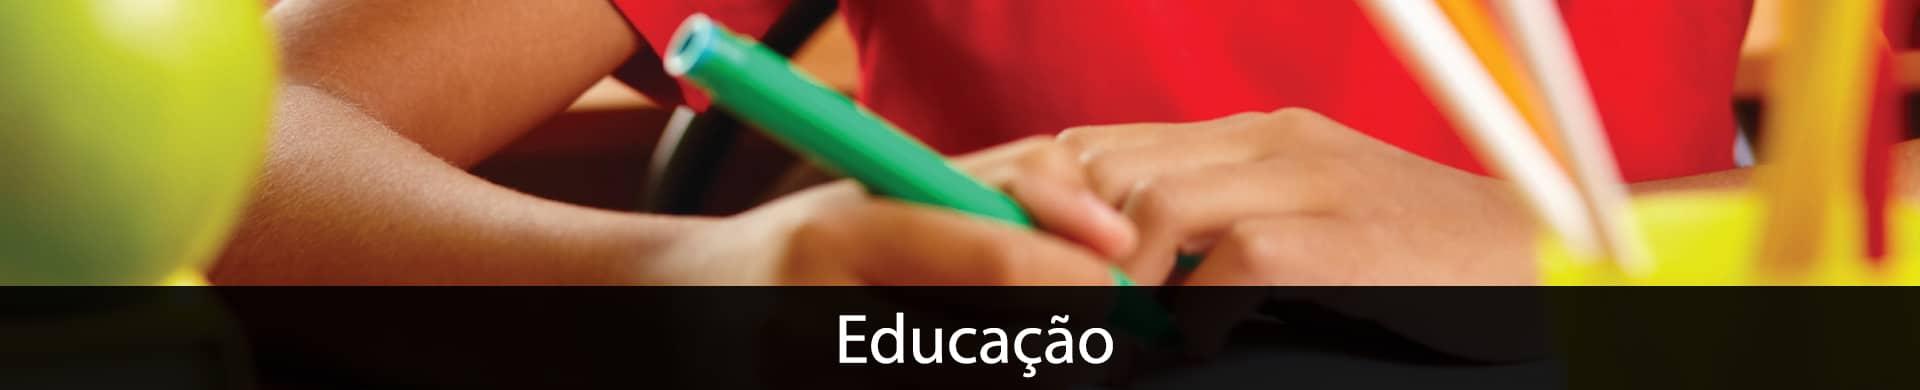 educaçao2 copy